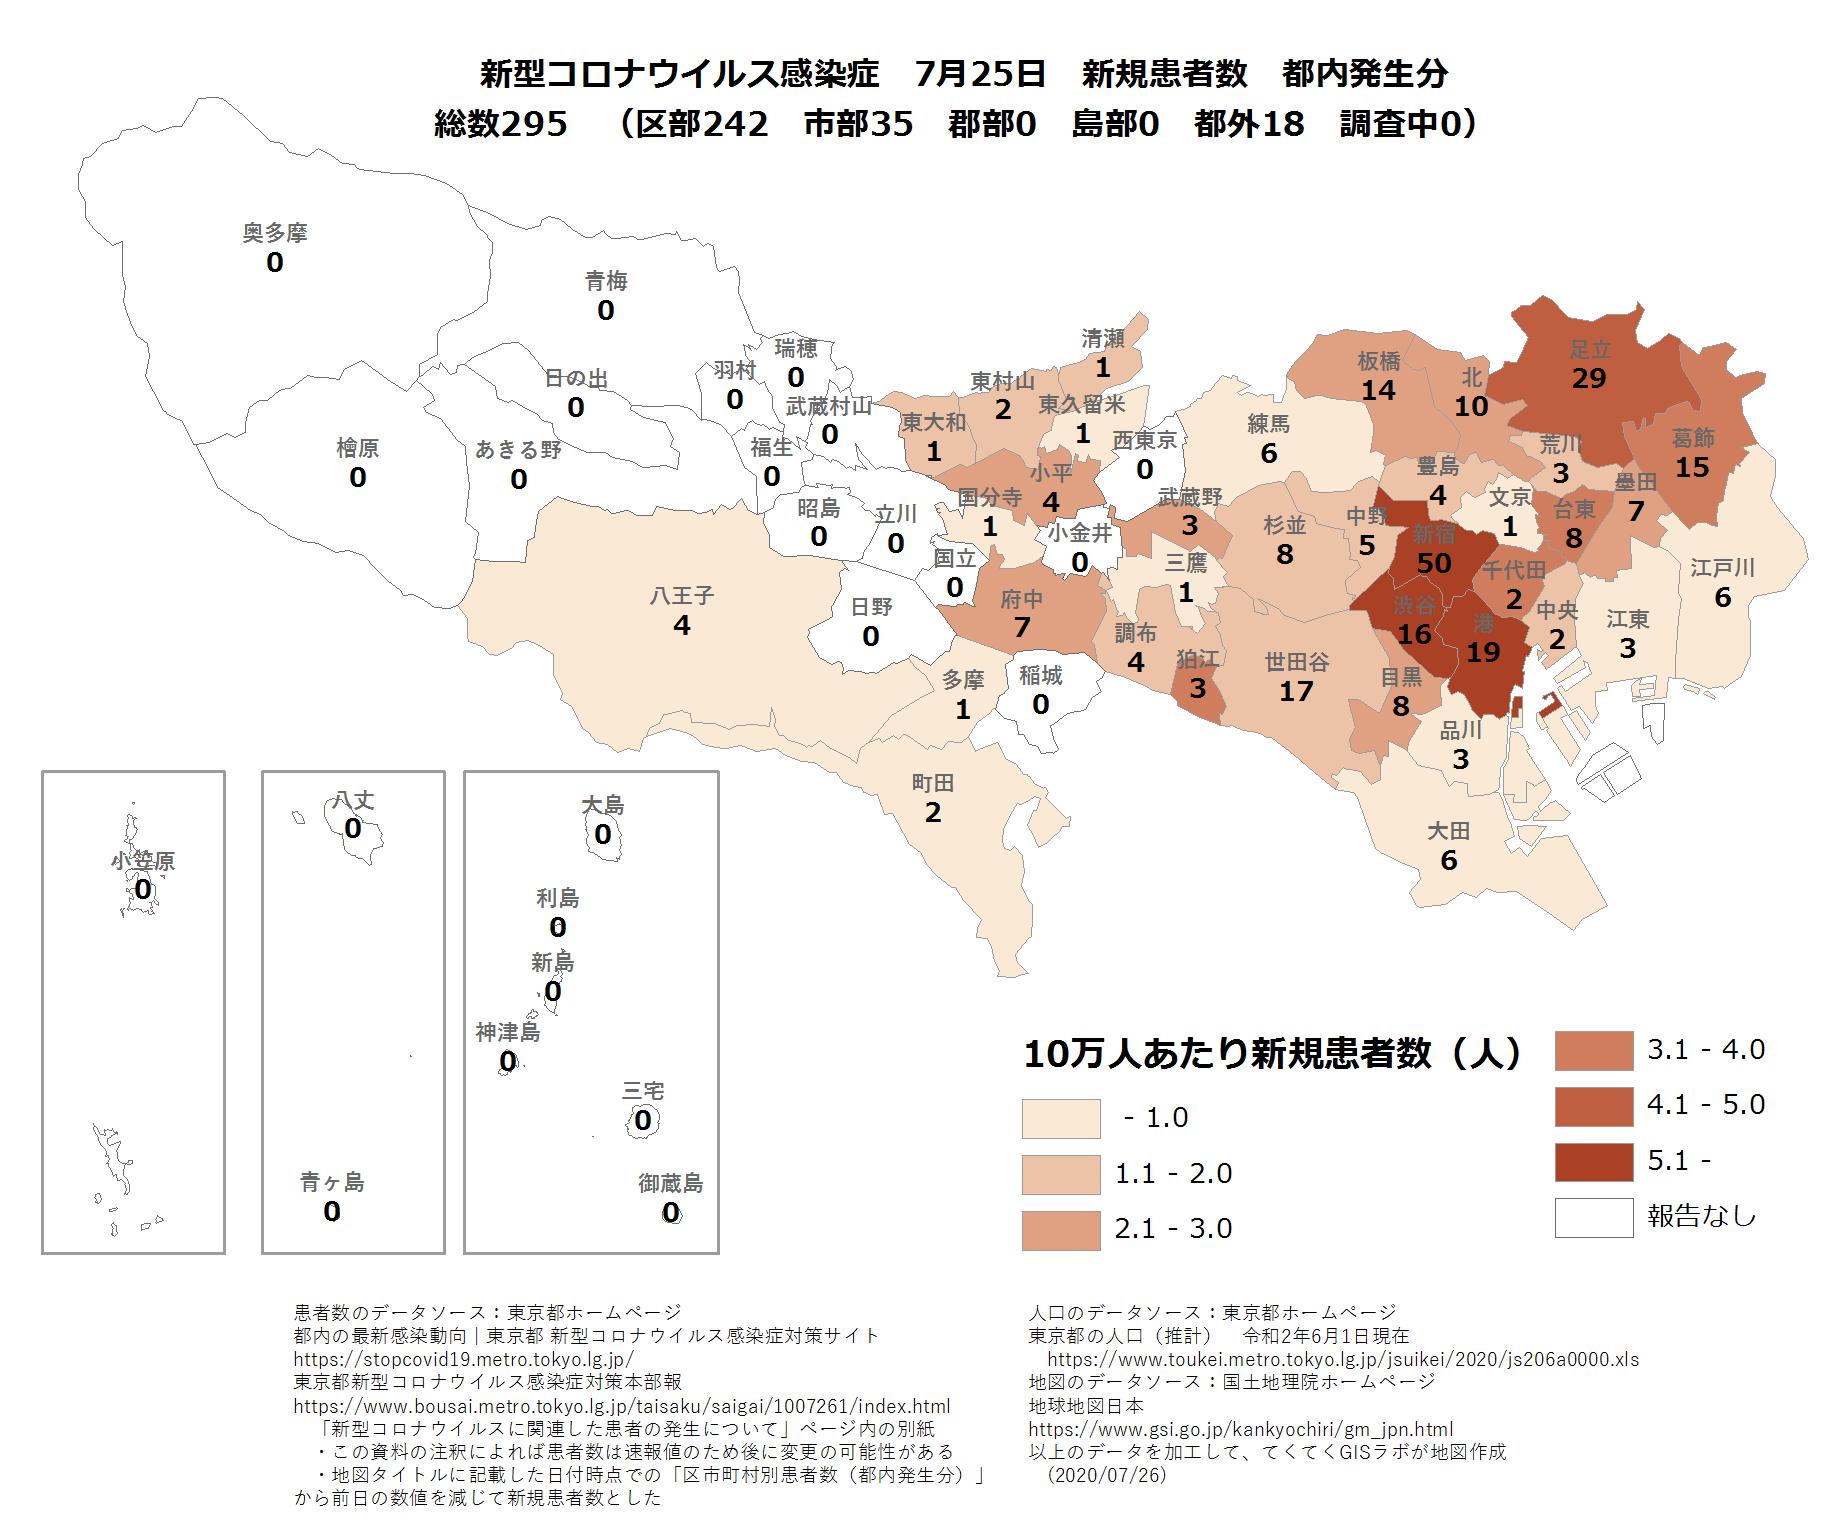 市区町村ごと新規患者数7月25日東京